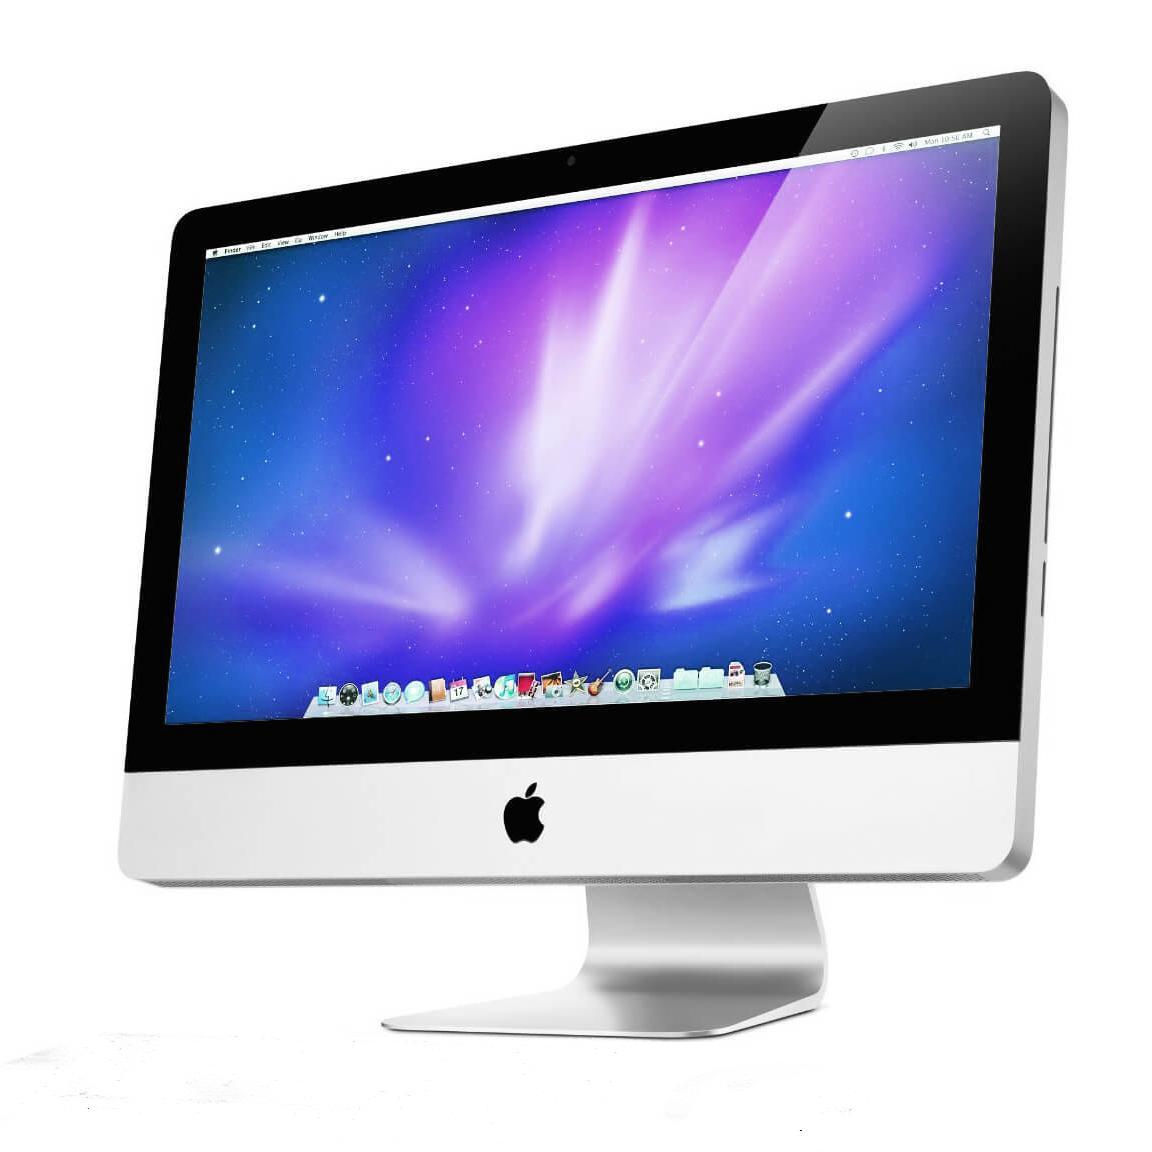 Hình ảnh Apple iMac Core i5, màn hình 21.5 Inch (Mid-2011/2012)